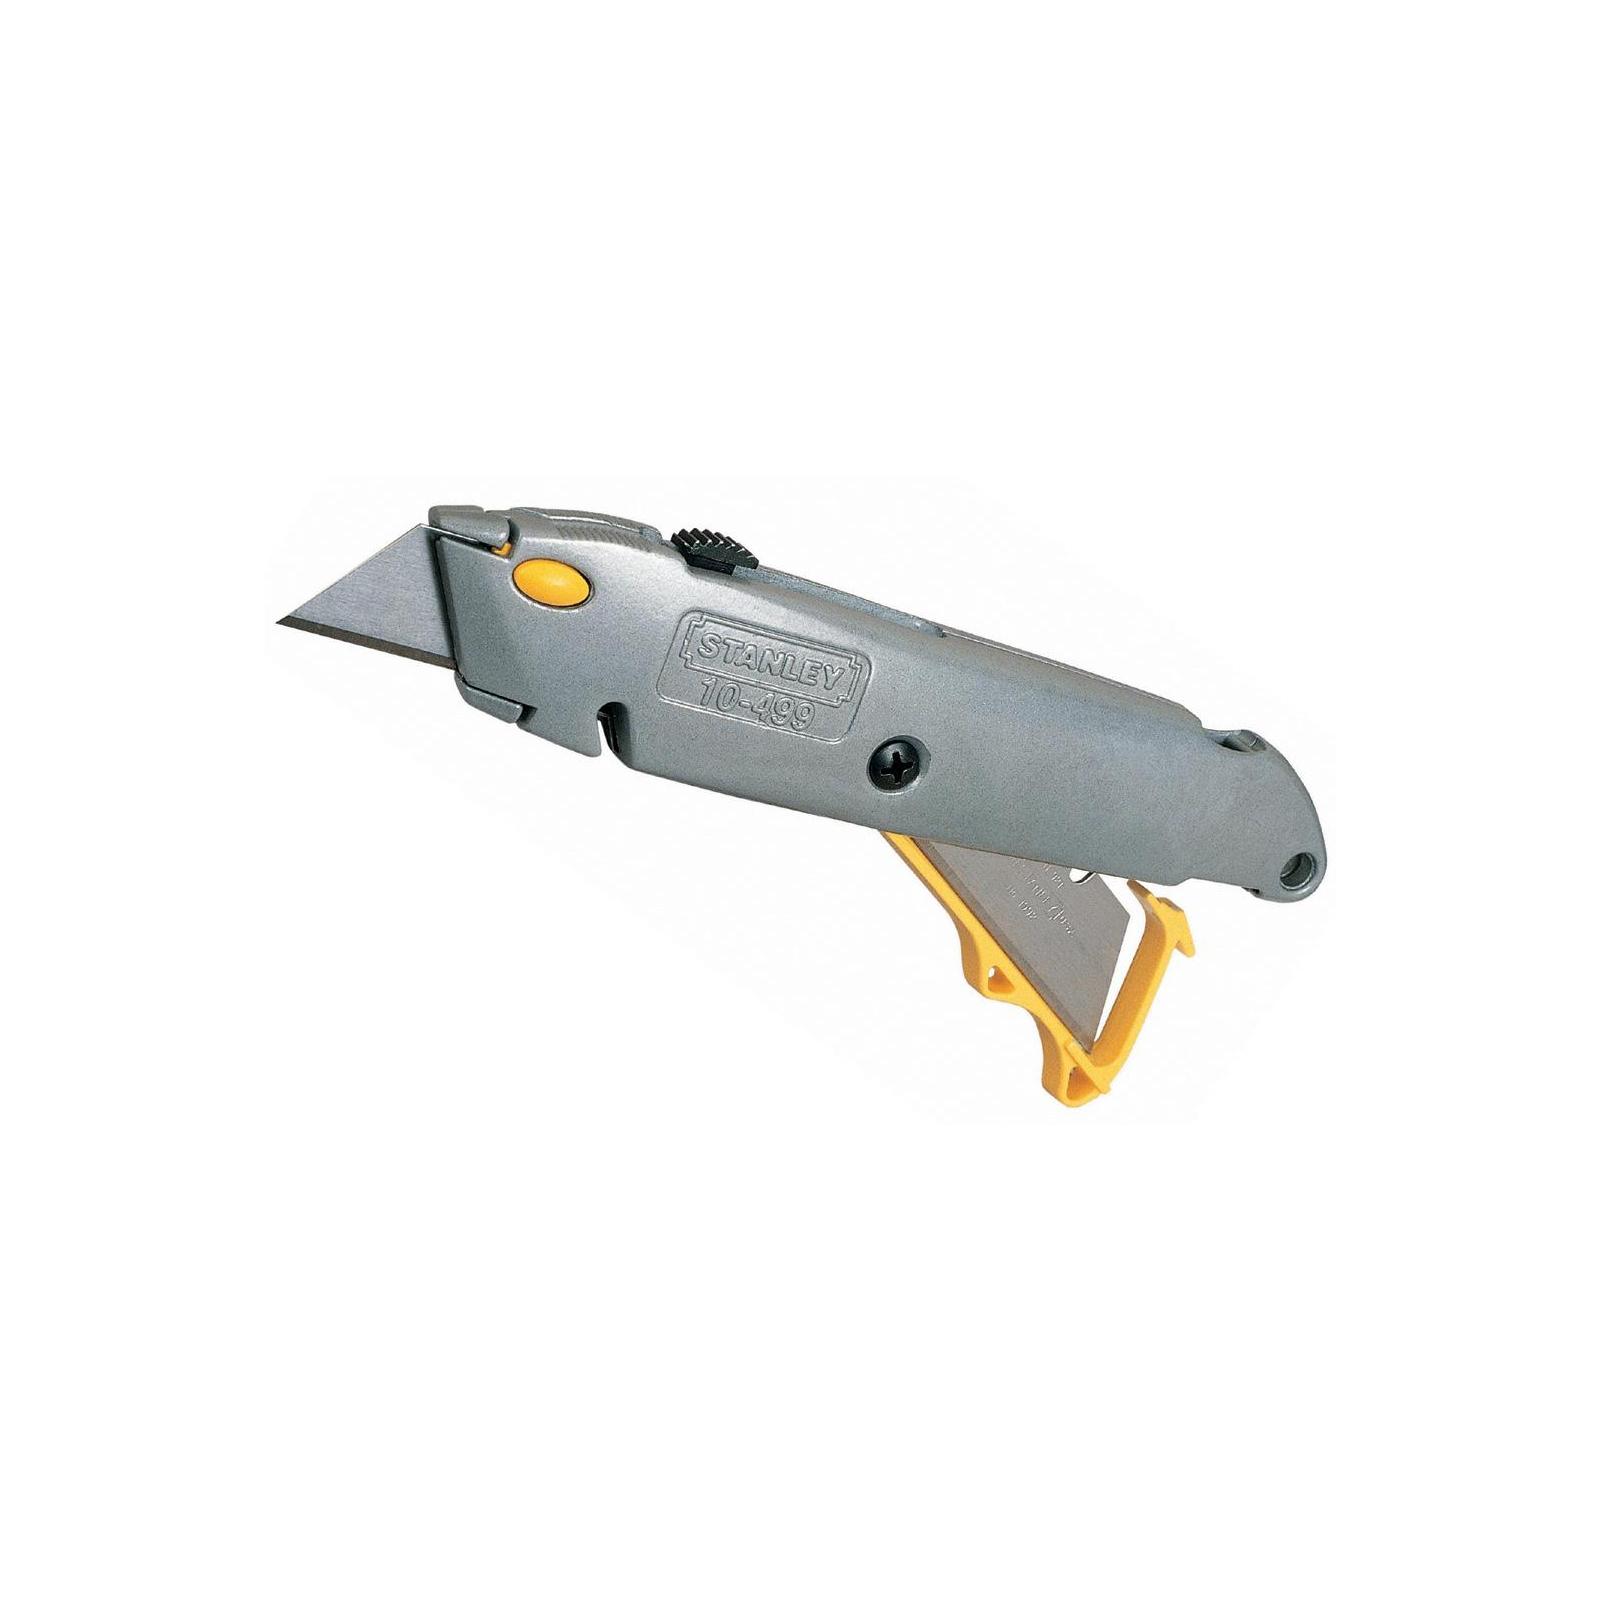 Нож монтажный Stanley для отделочных работ, длина лезвия 160мм. (0-10-499)